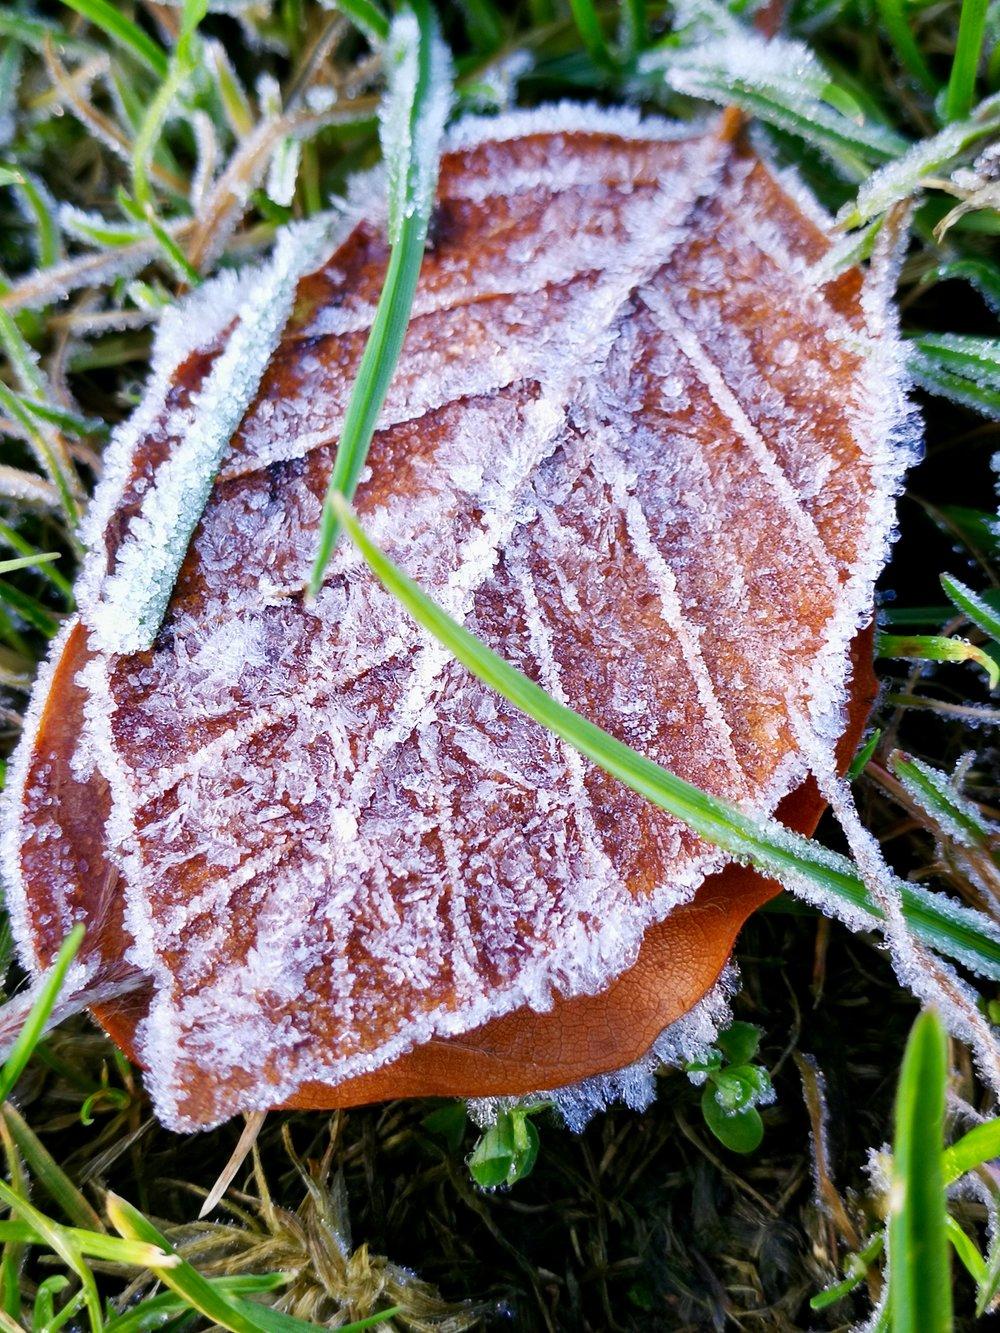 06-Winter-is-coming.jpg